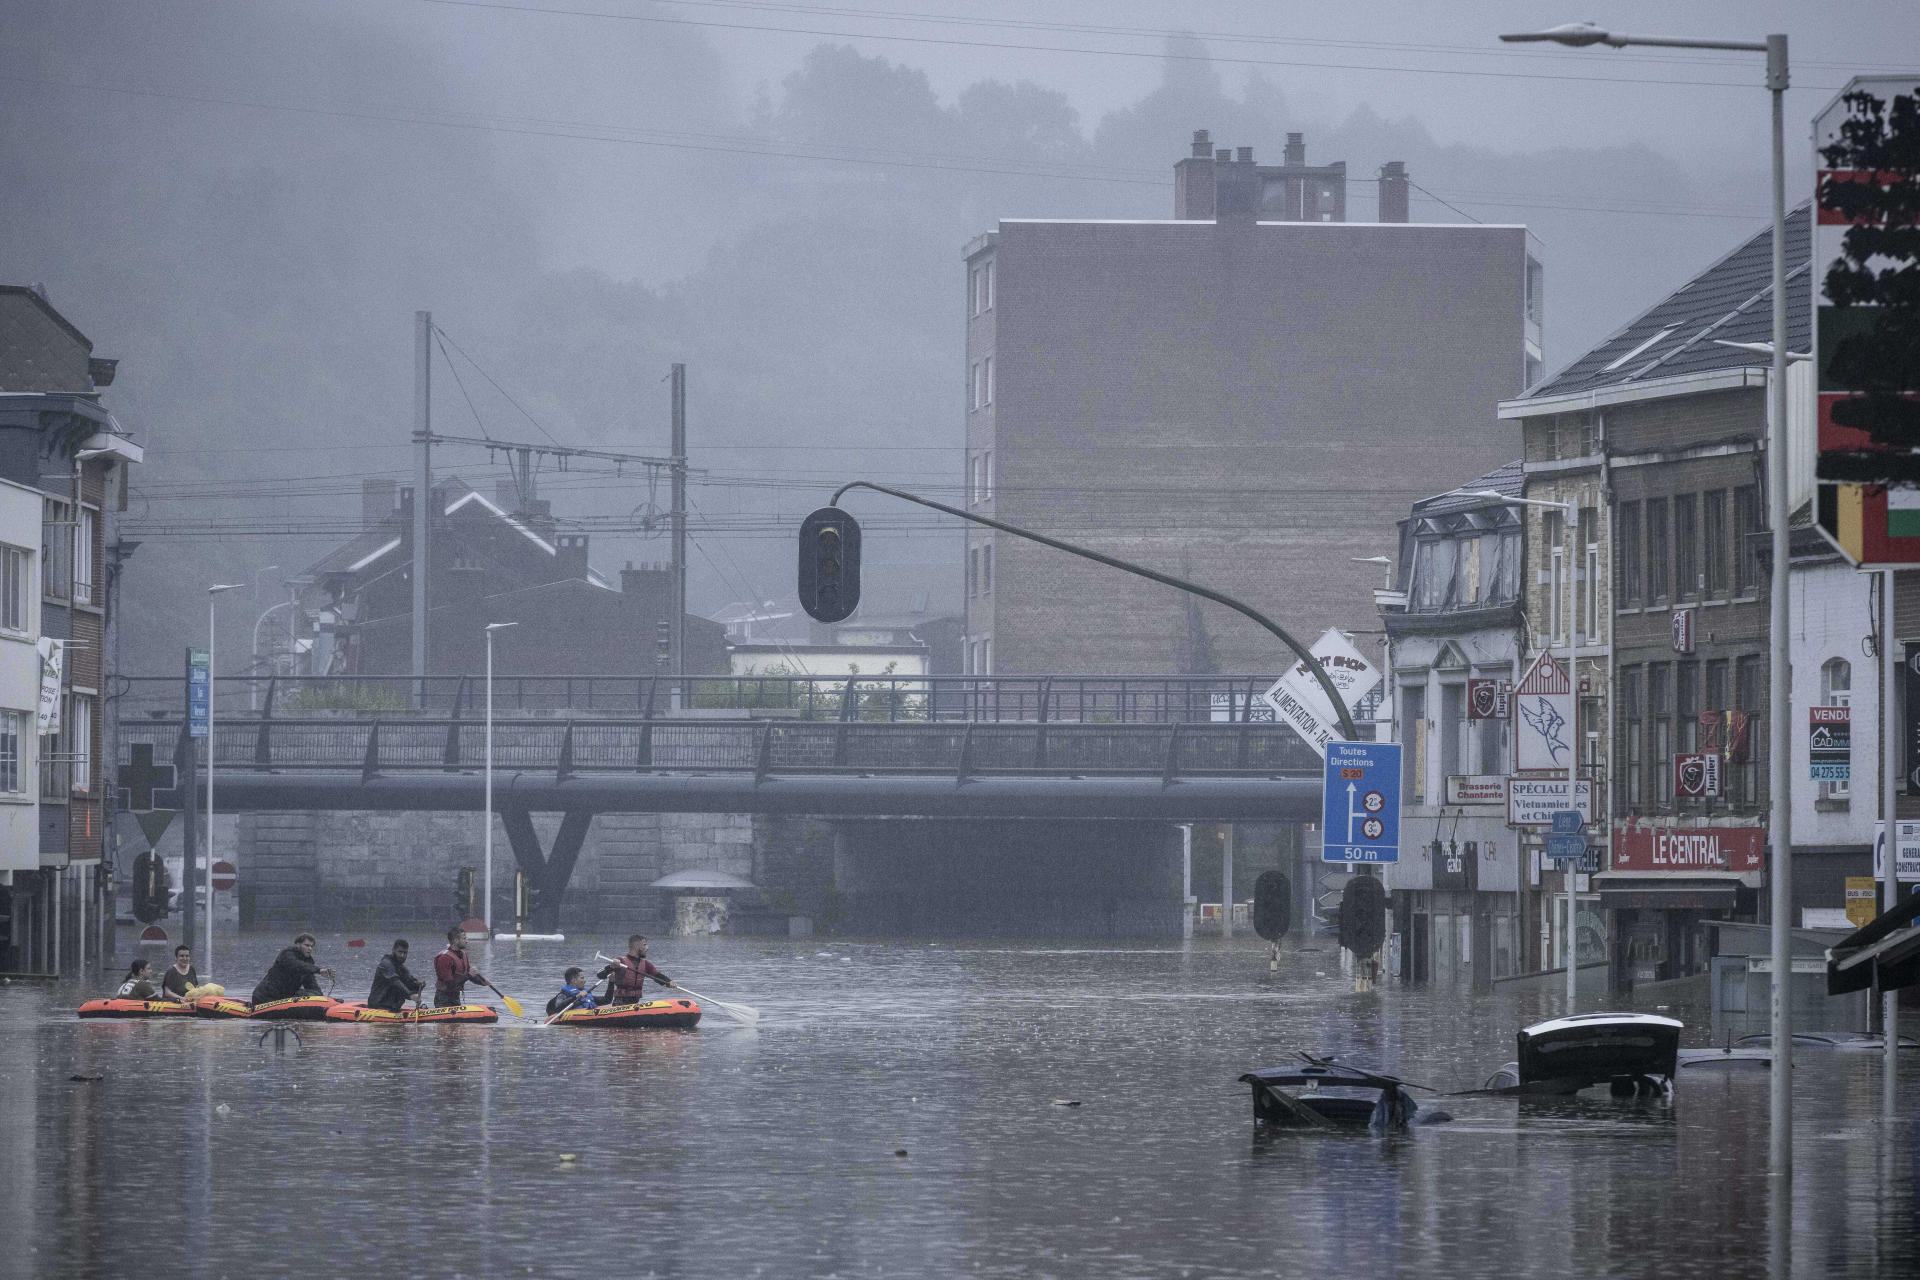 Des habitants de Liège, en Belgique, utilisent des canots pneumatiques pour circuler dans les rues inondées par la Meuse, le 15 juillet 2021.